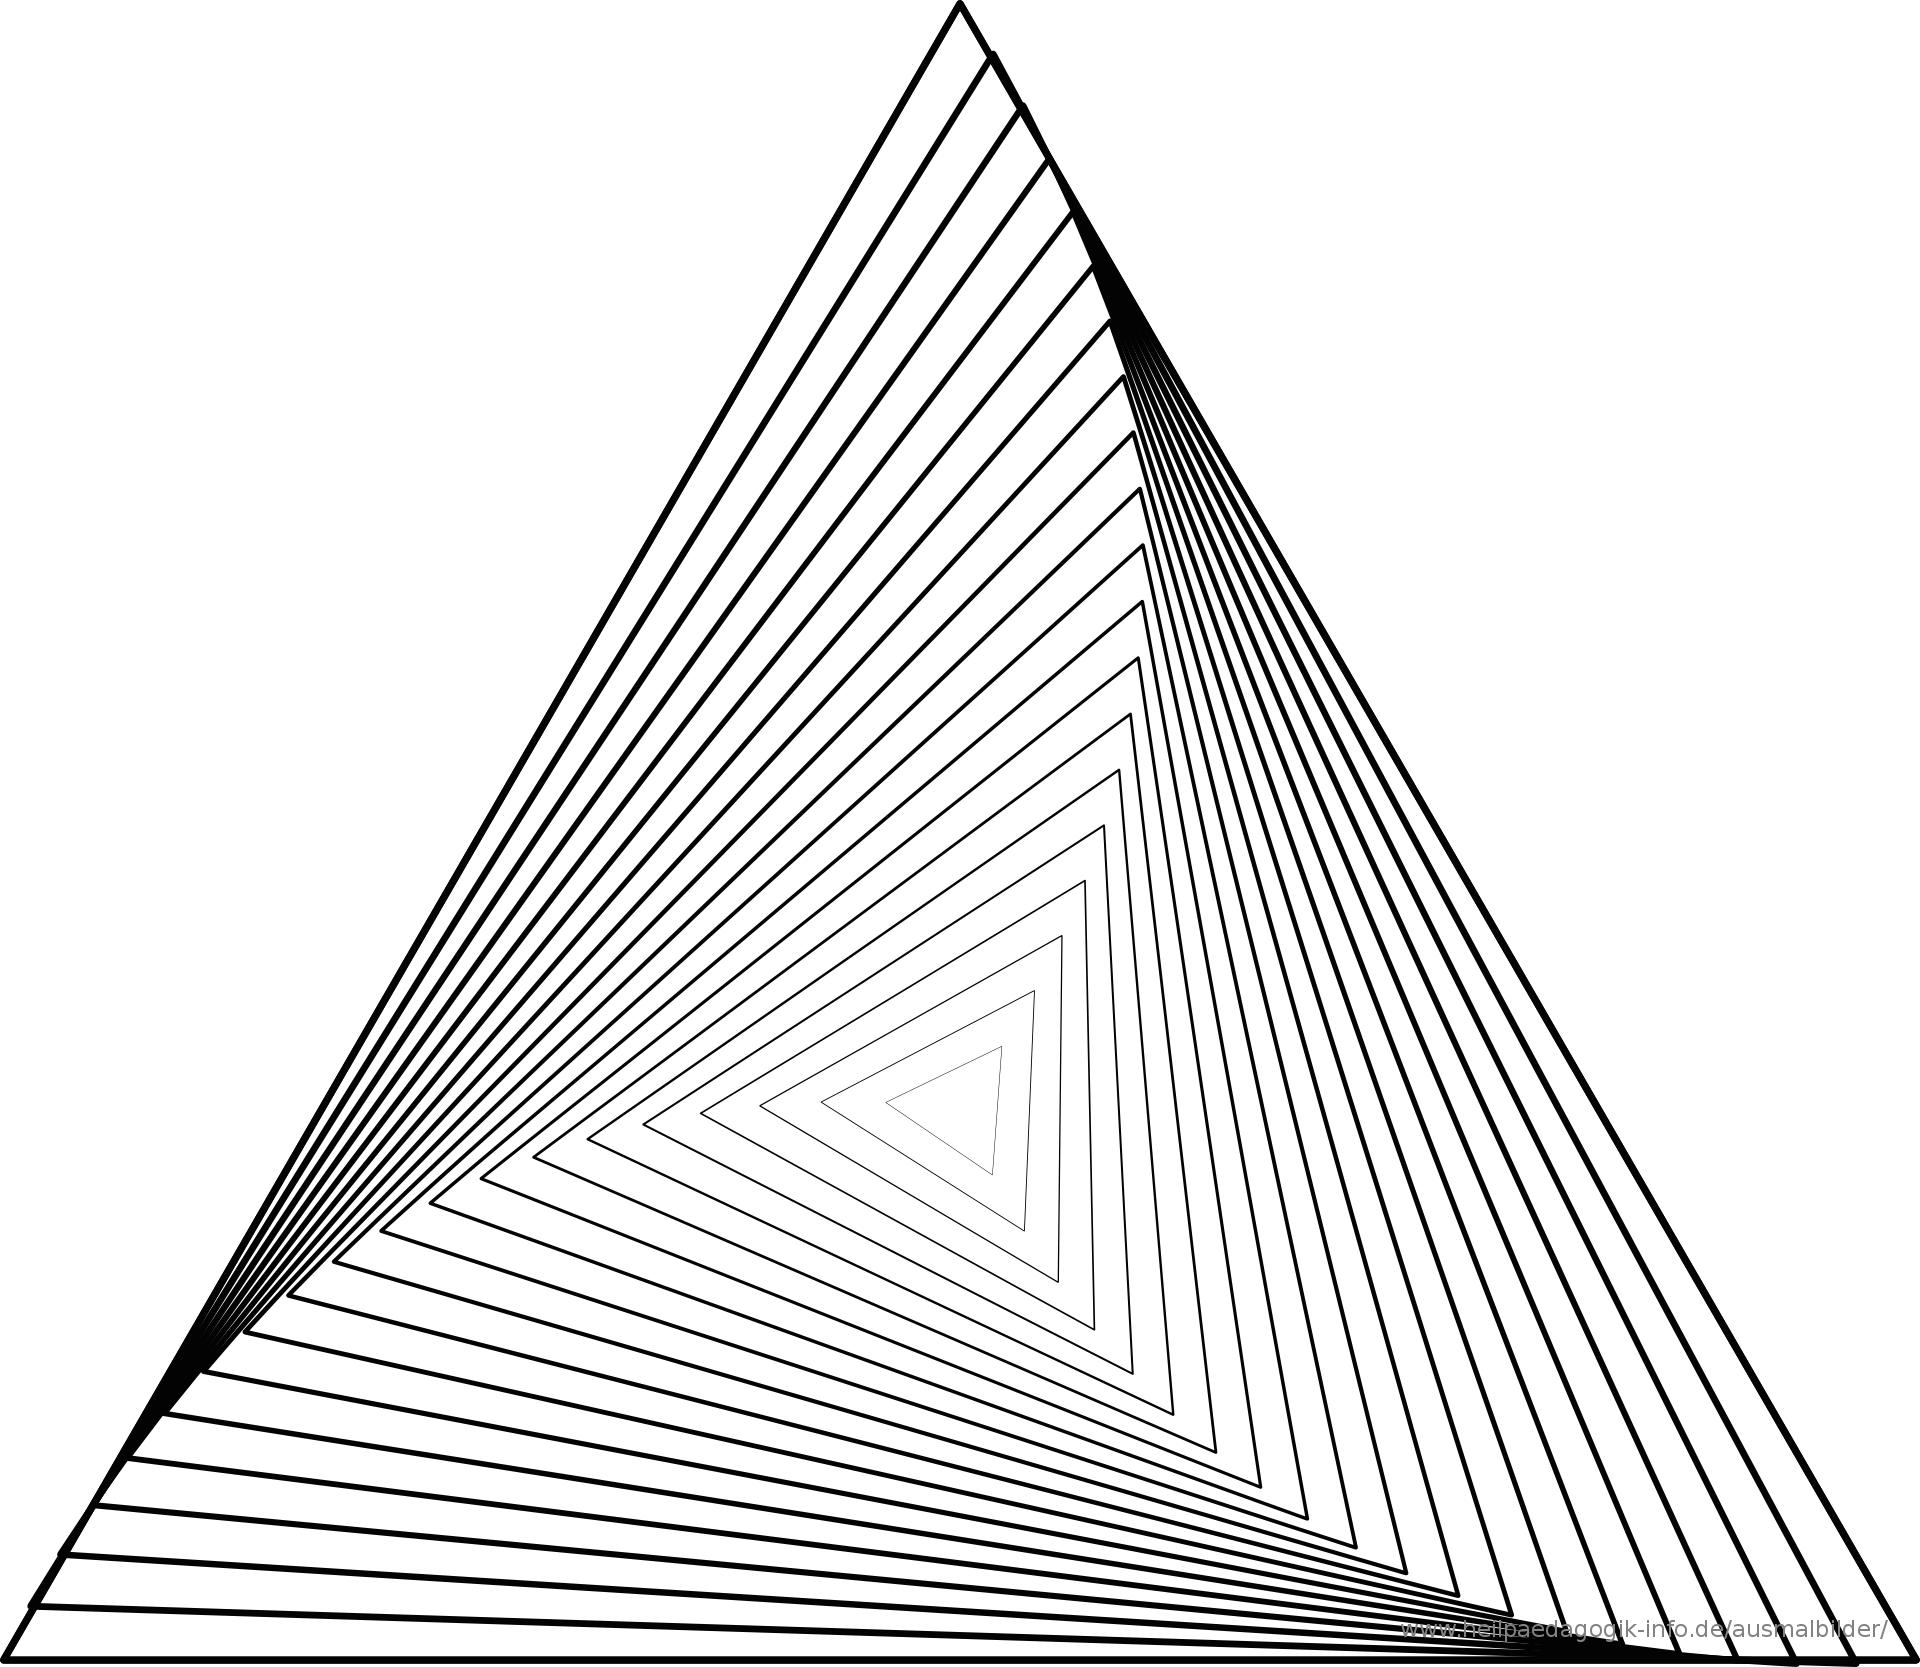 ausmalbilder geometrischen | Ausmalbilder für kinder | Lámparas ...